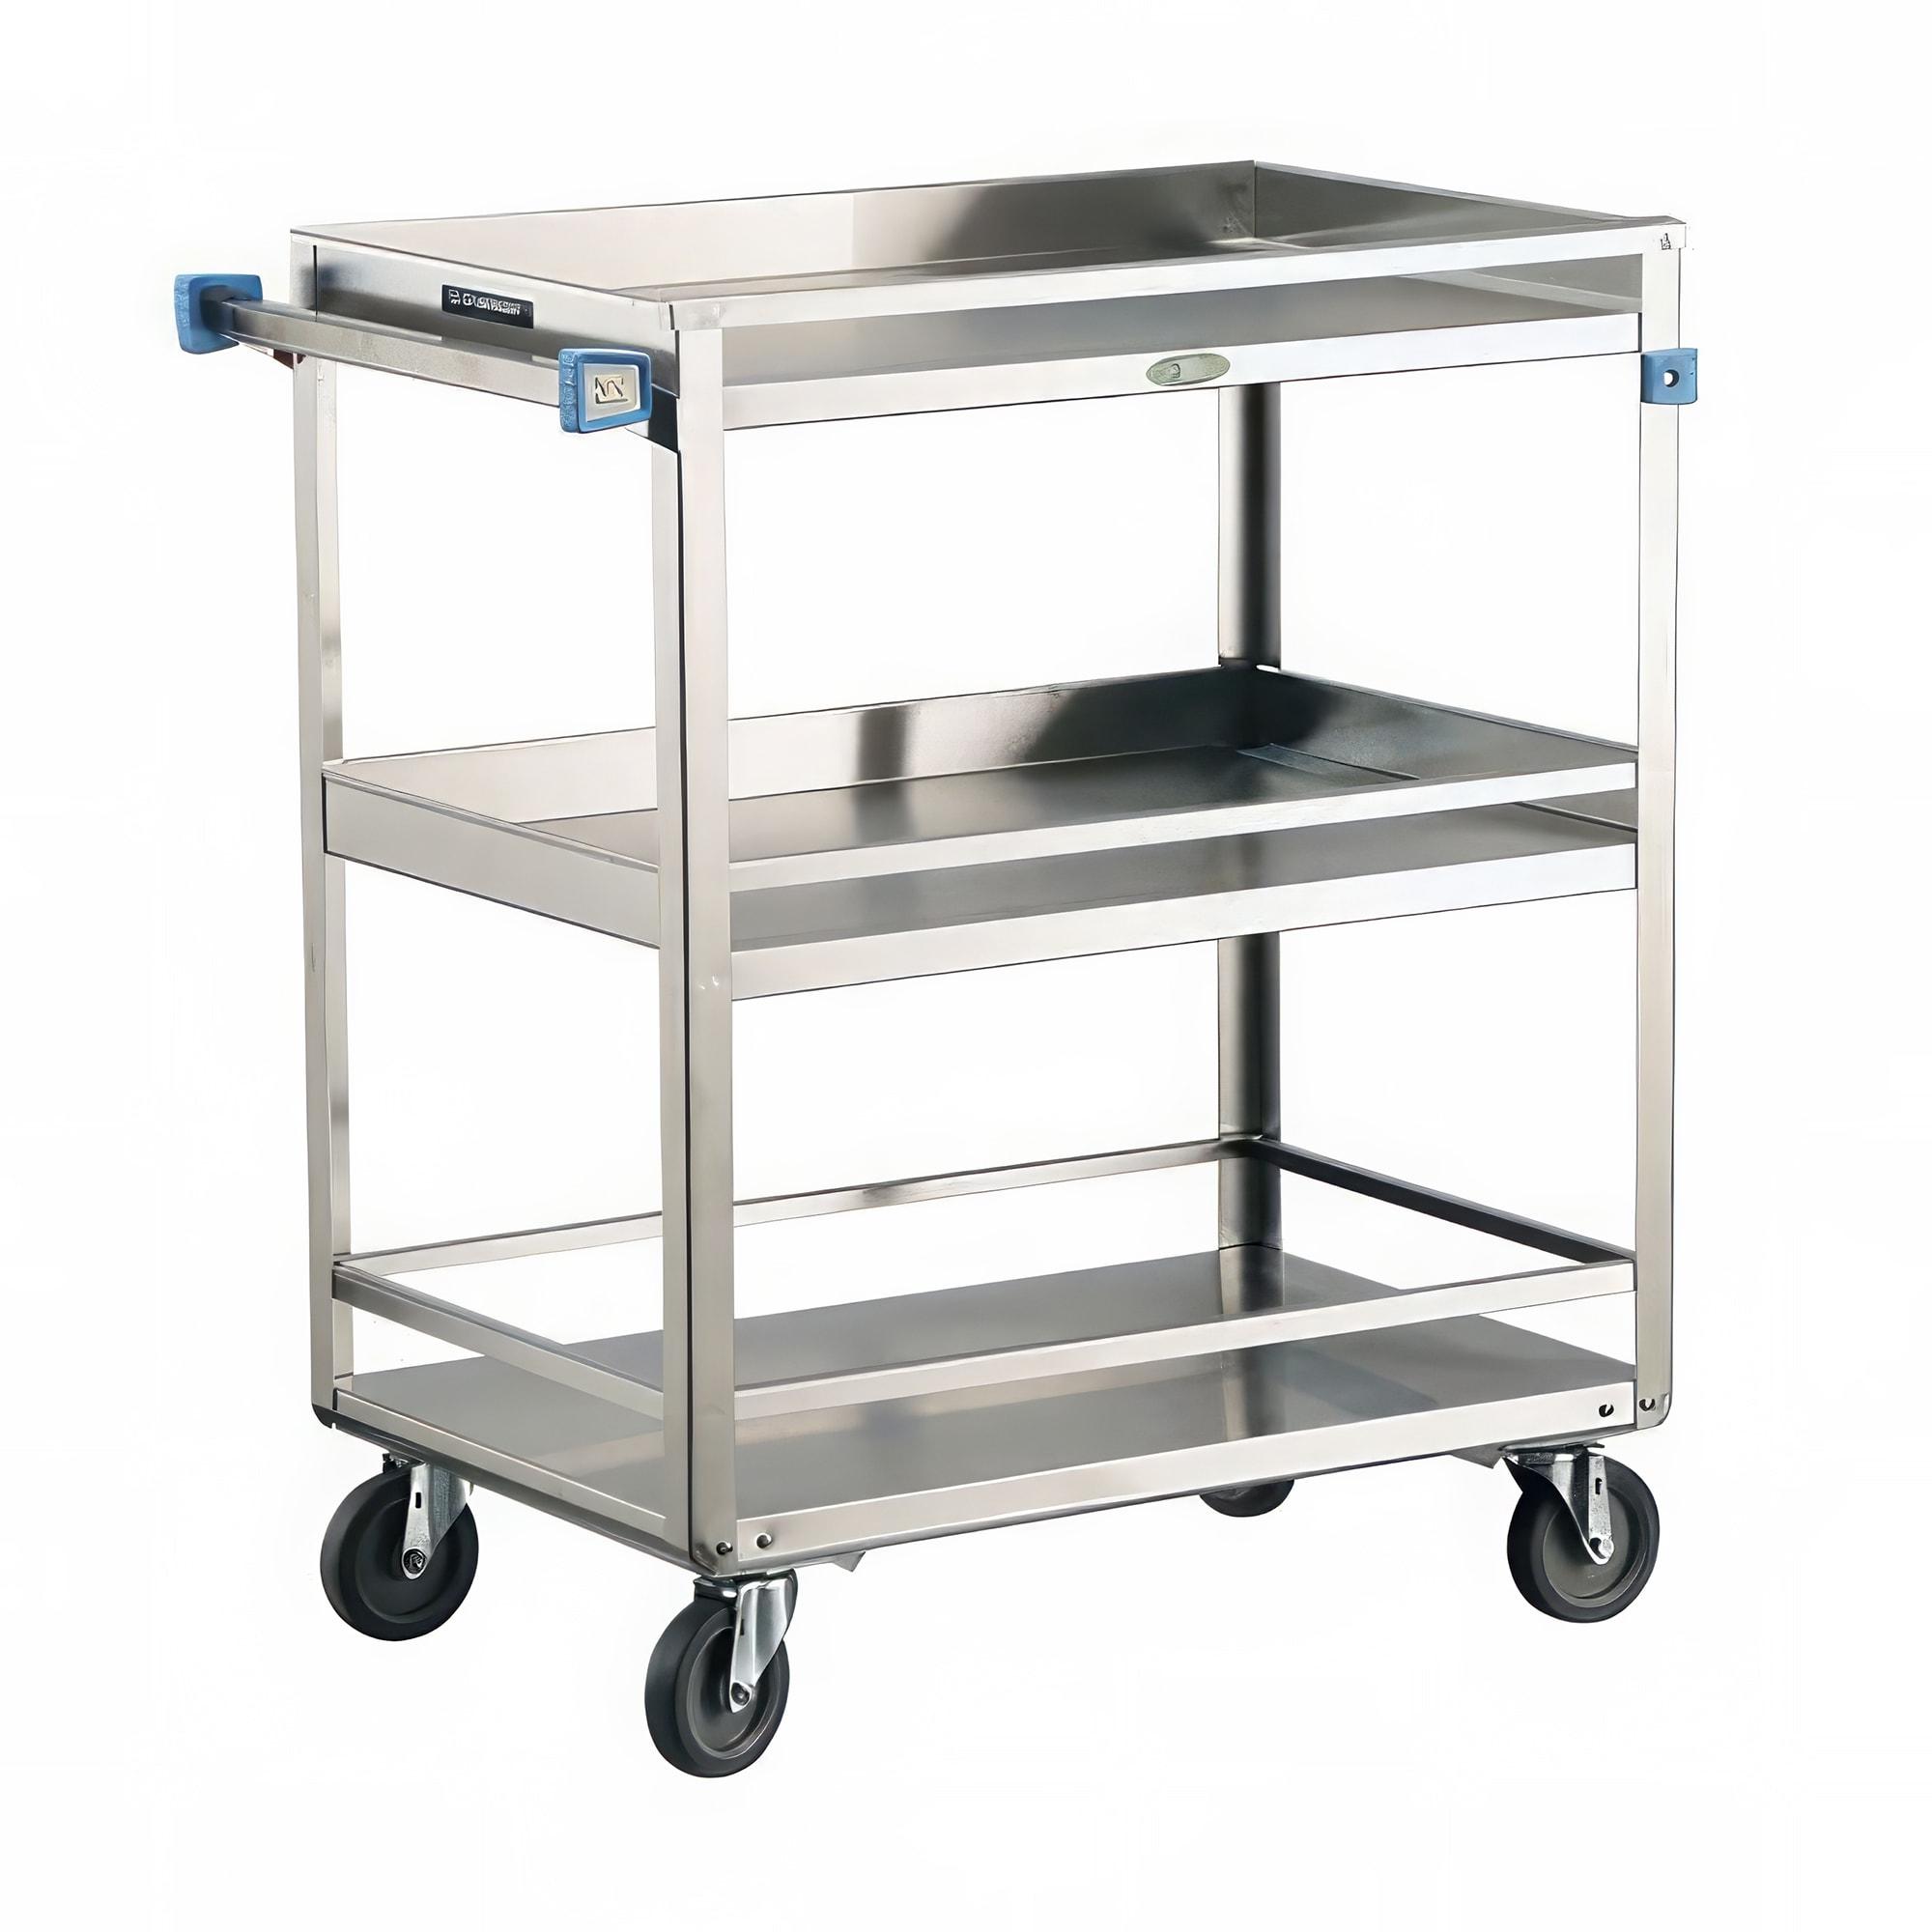 Lakeside 526 3 Level Stainless Utility Cart w/ 500 lb Capacity, Raised Ledges